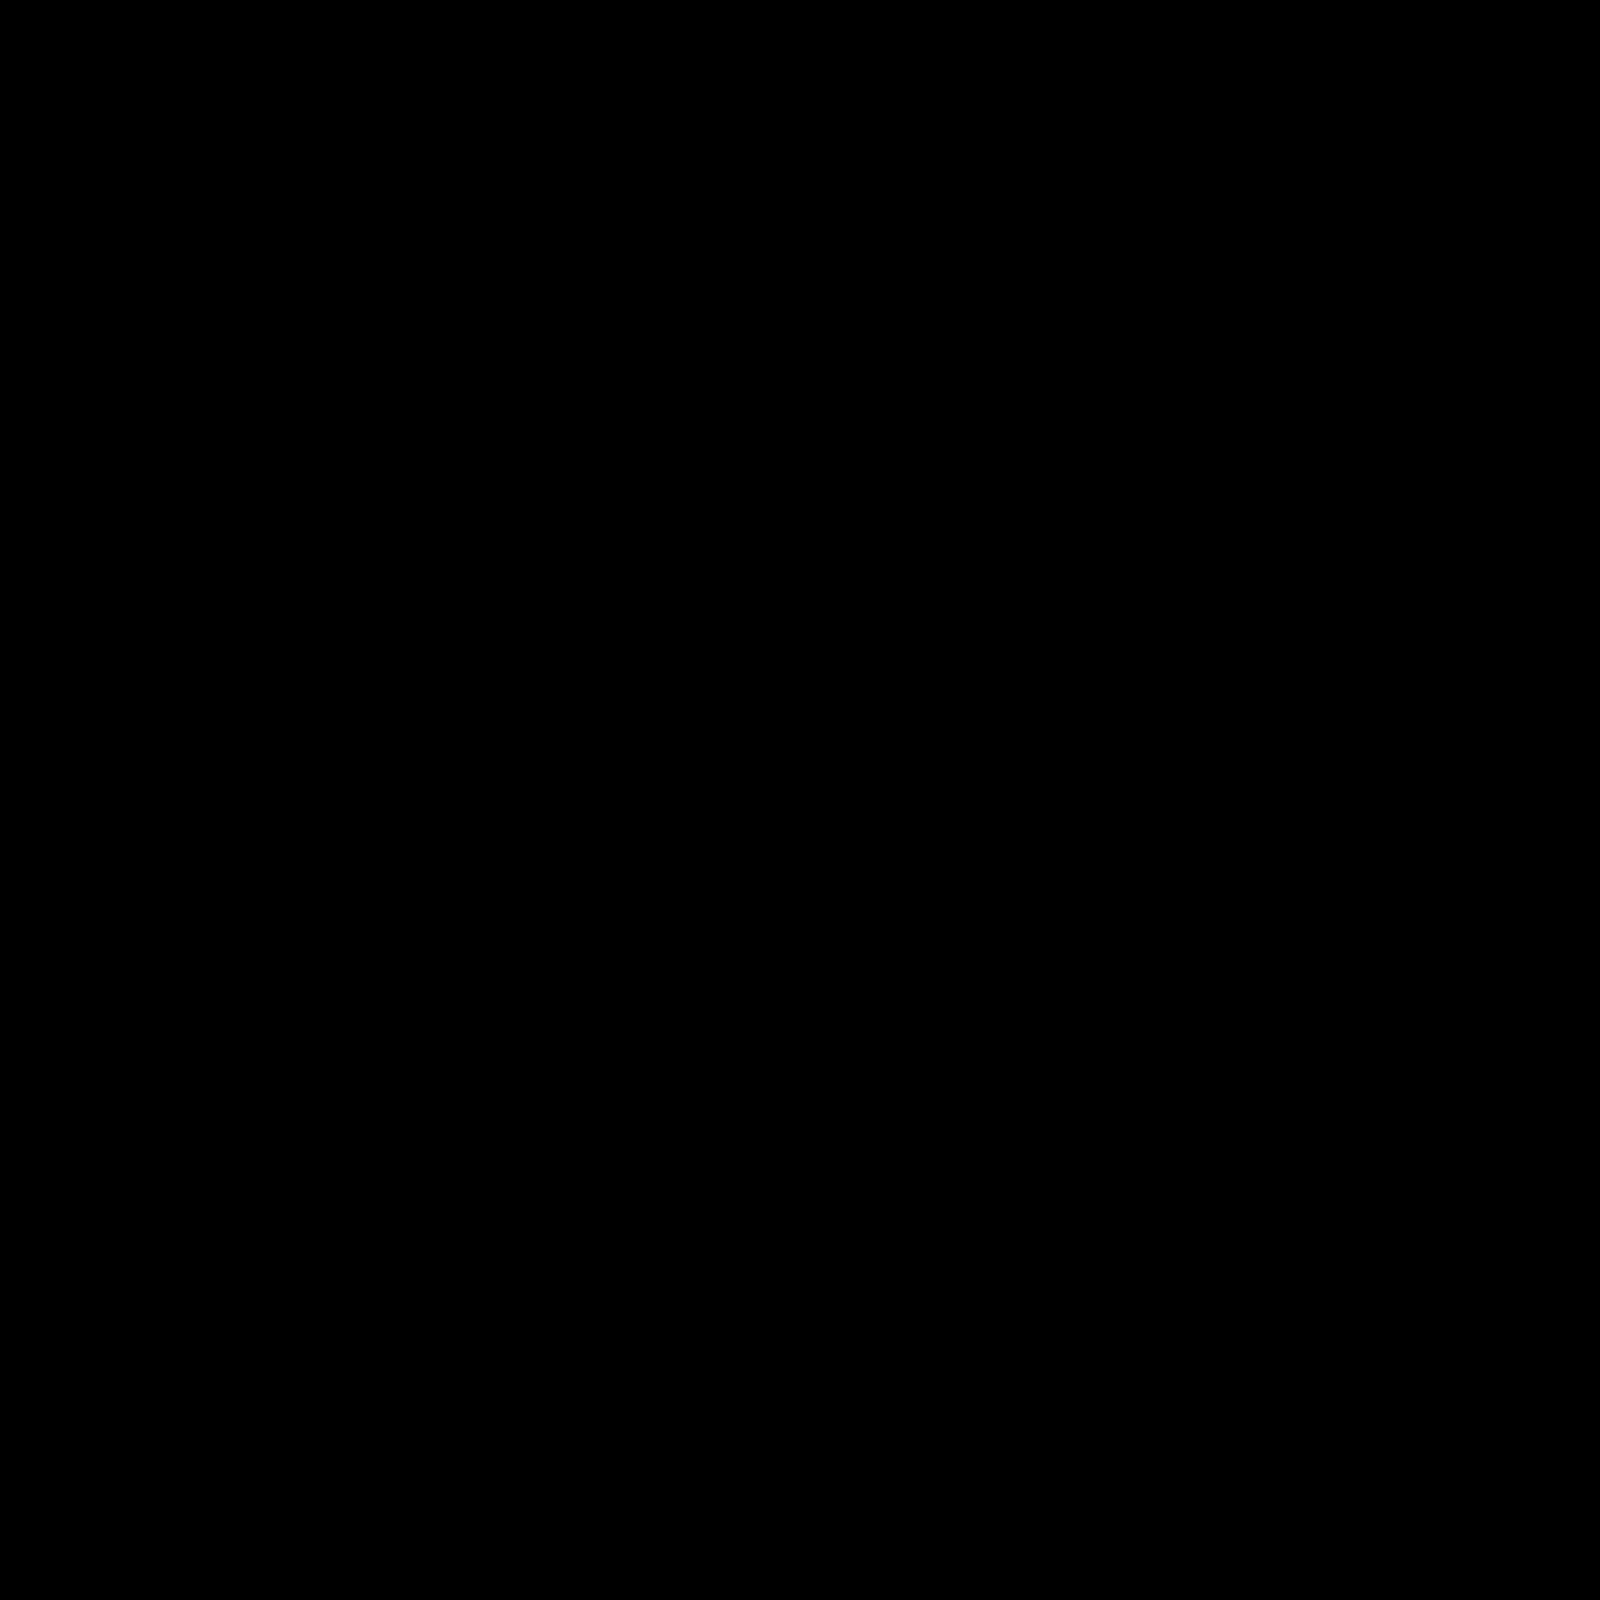 Pastel De Nata icon